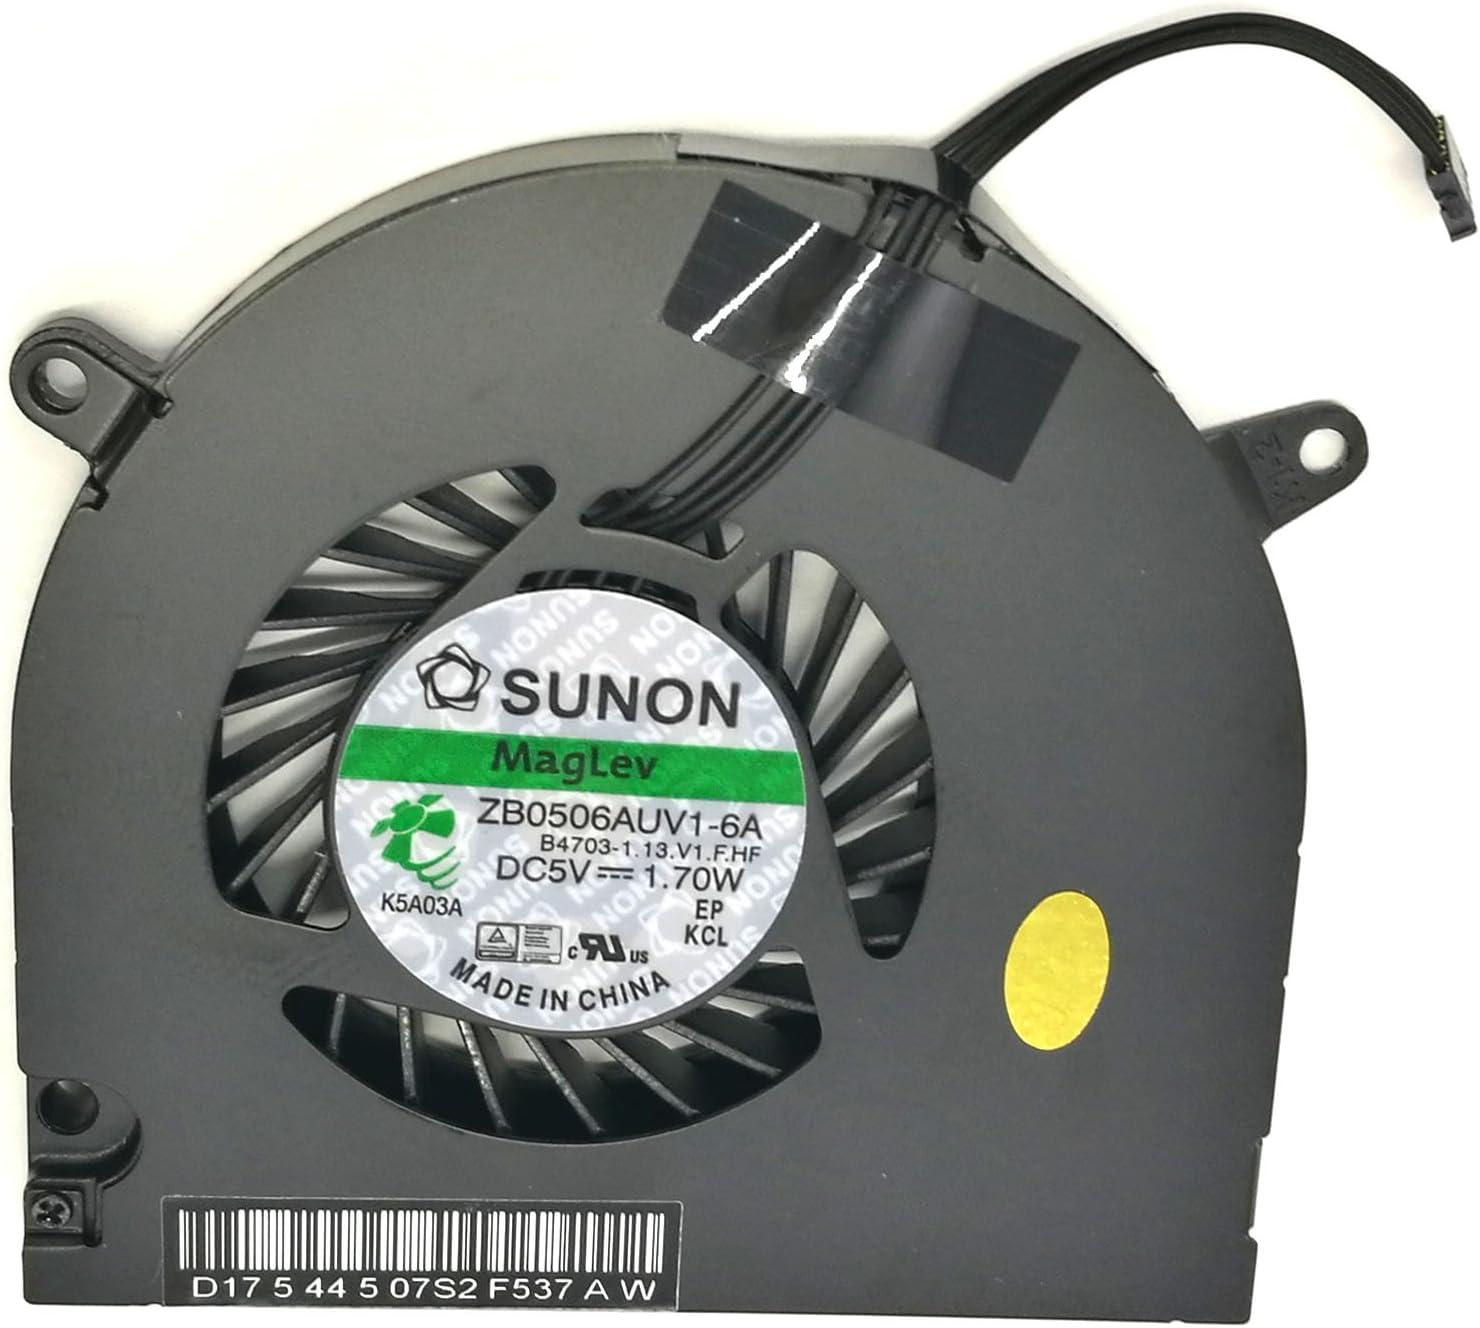 fan for DELTA BFB0712VHD-SM03 cooling fan for Apple Imac G5 17 A1144 Internal Fan 603-6904